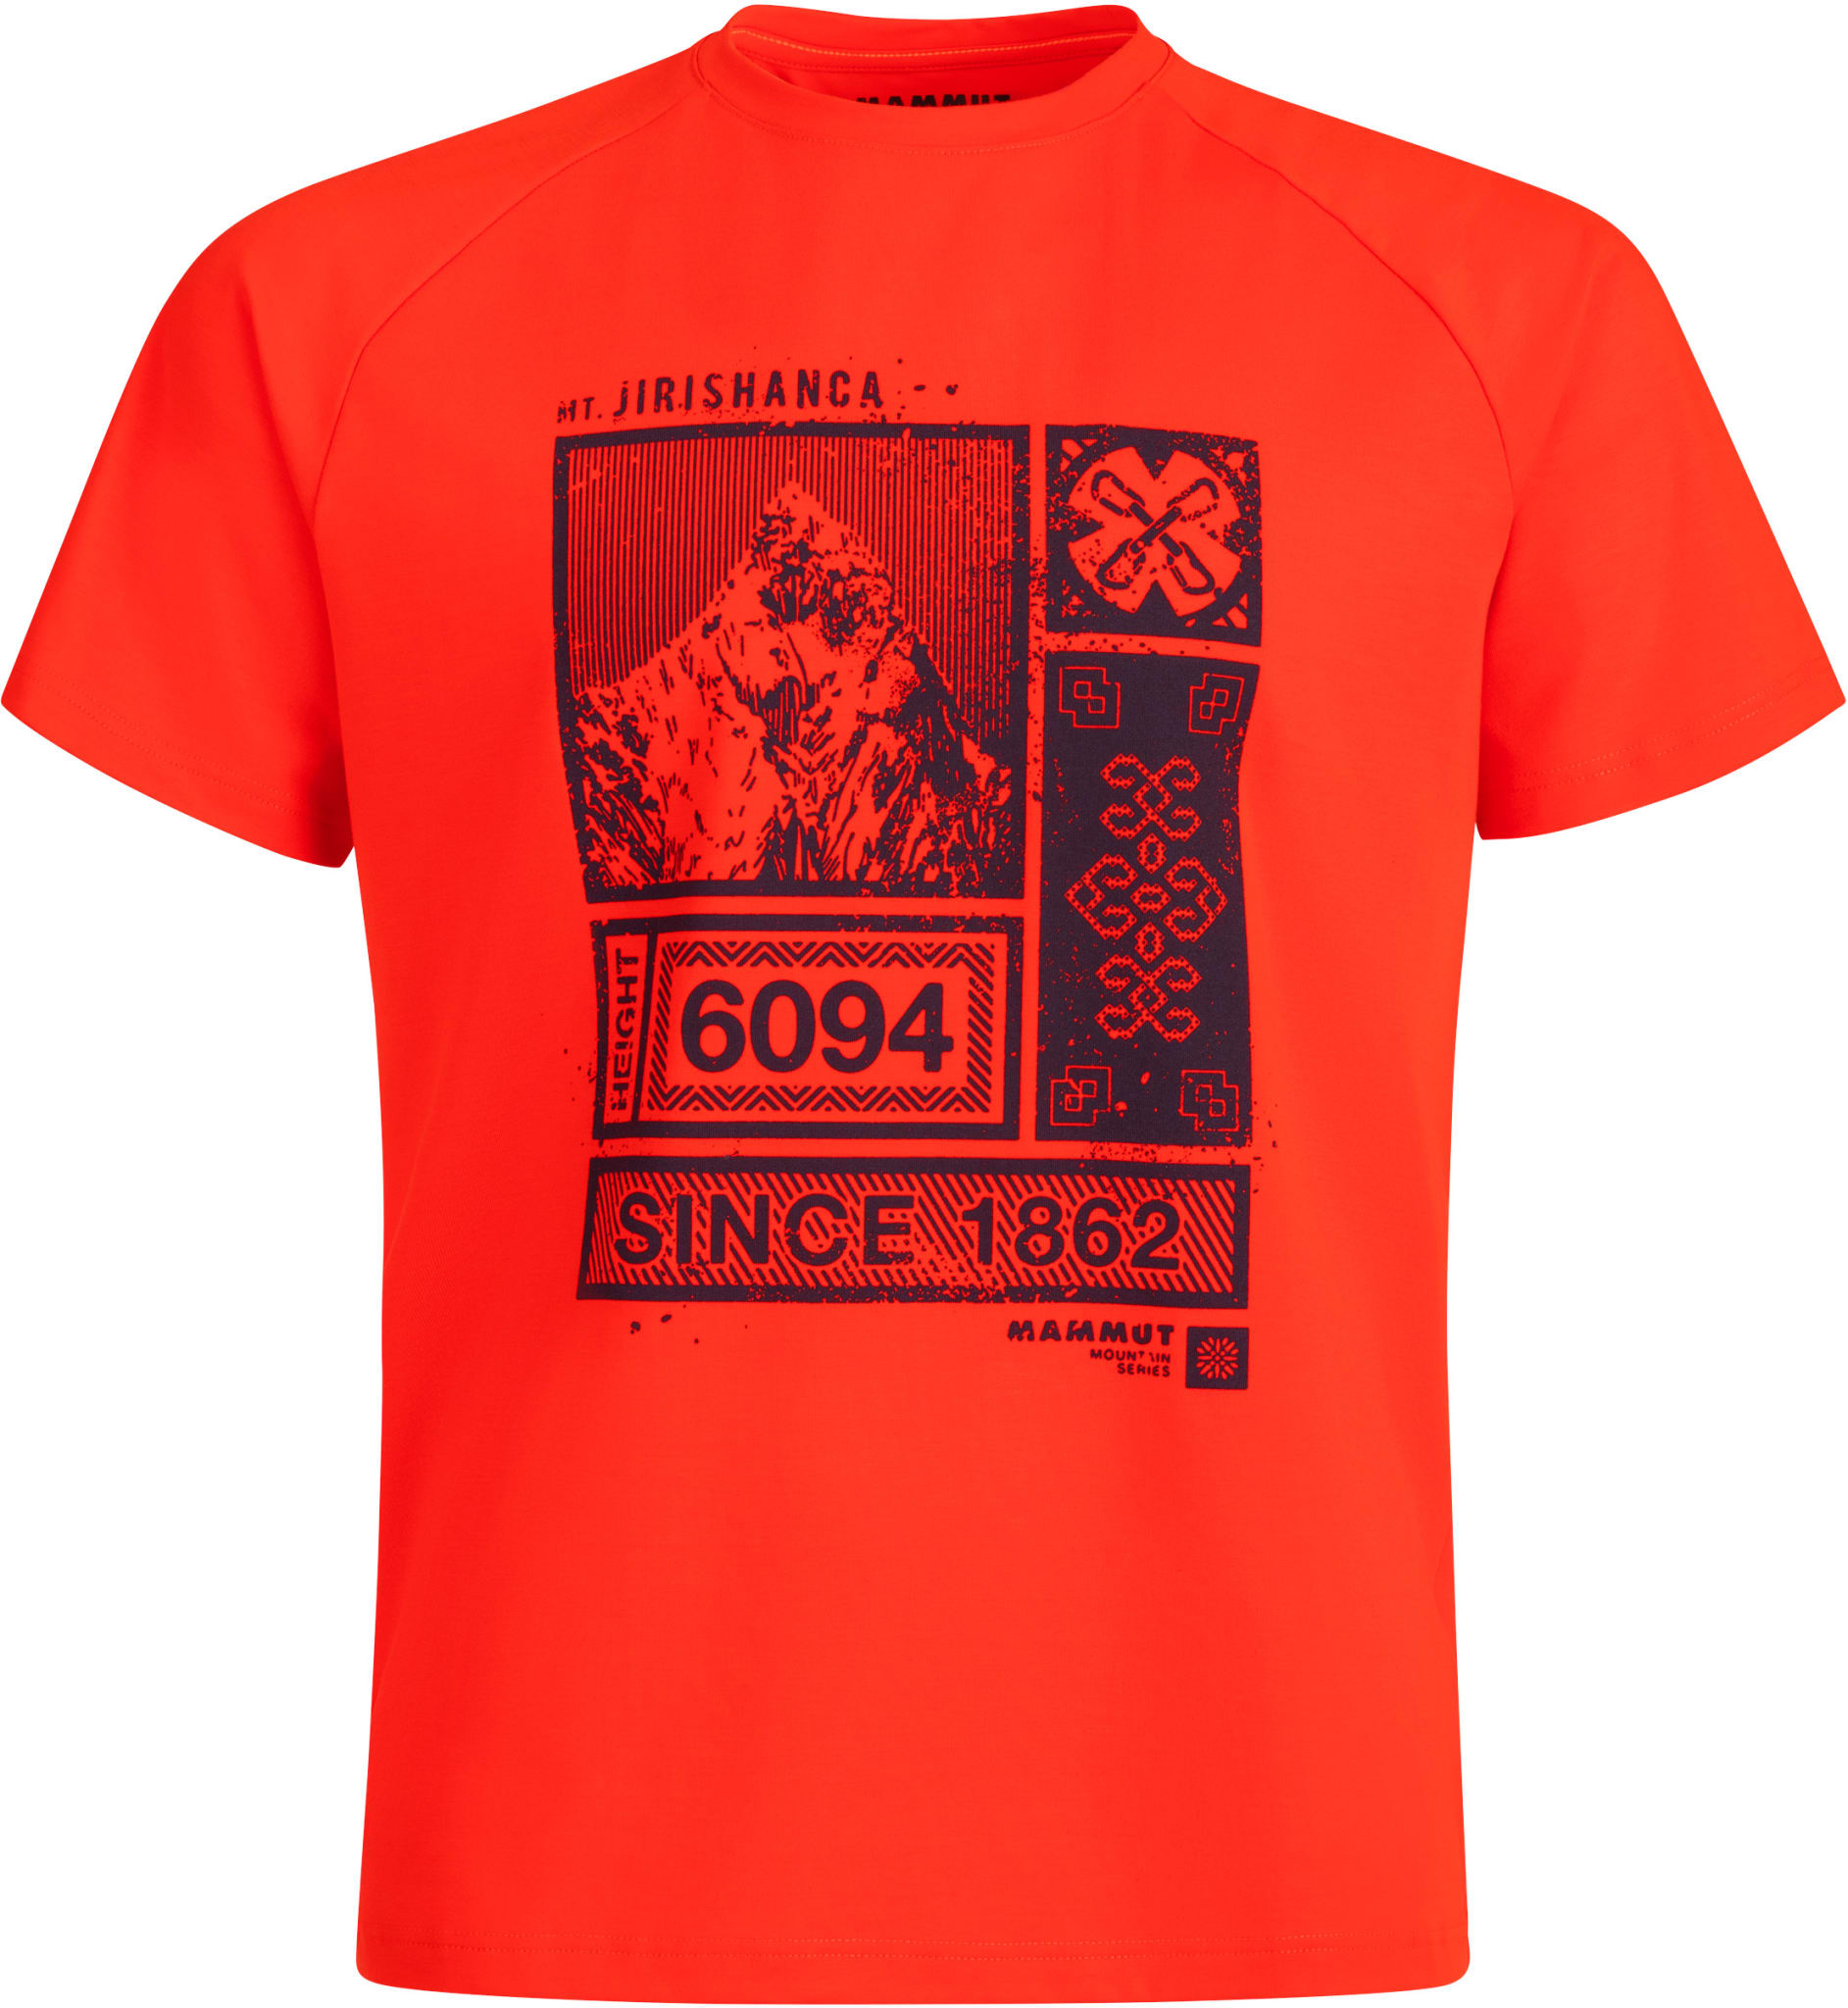 Deilig, myk t-skjorte med motiv